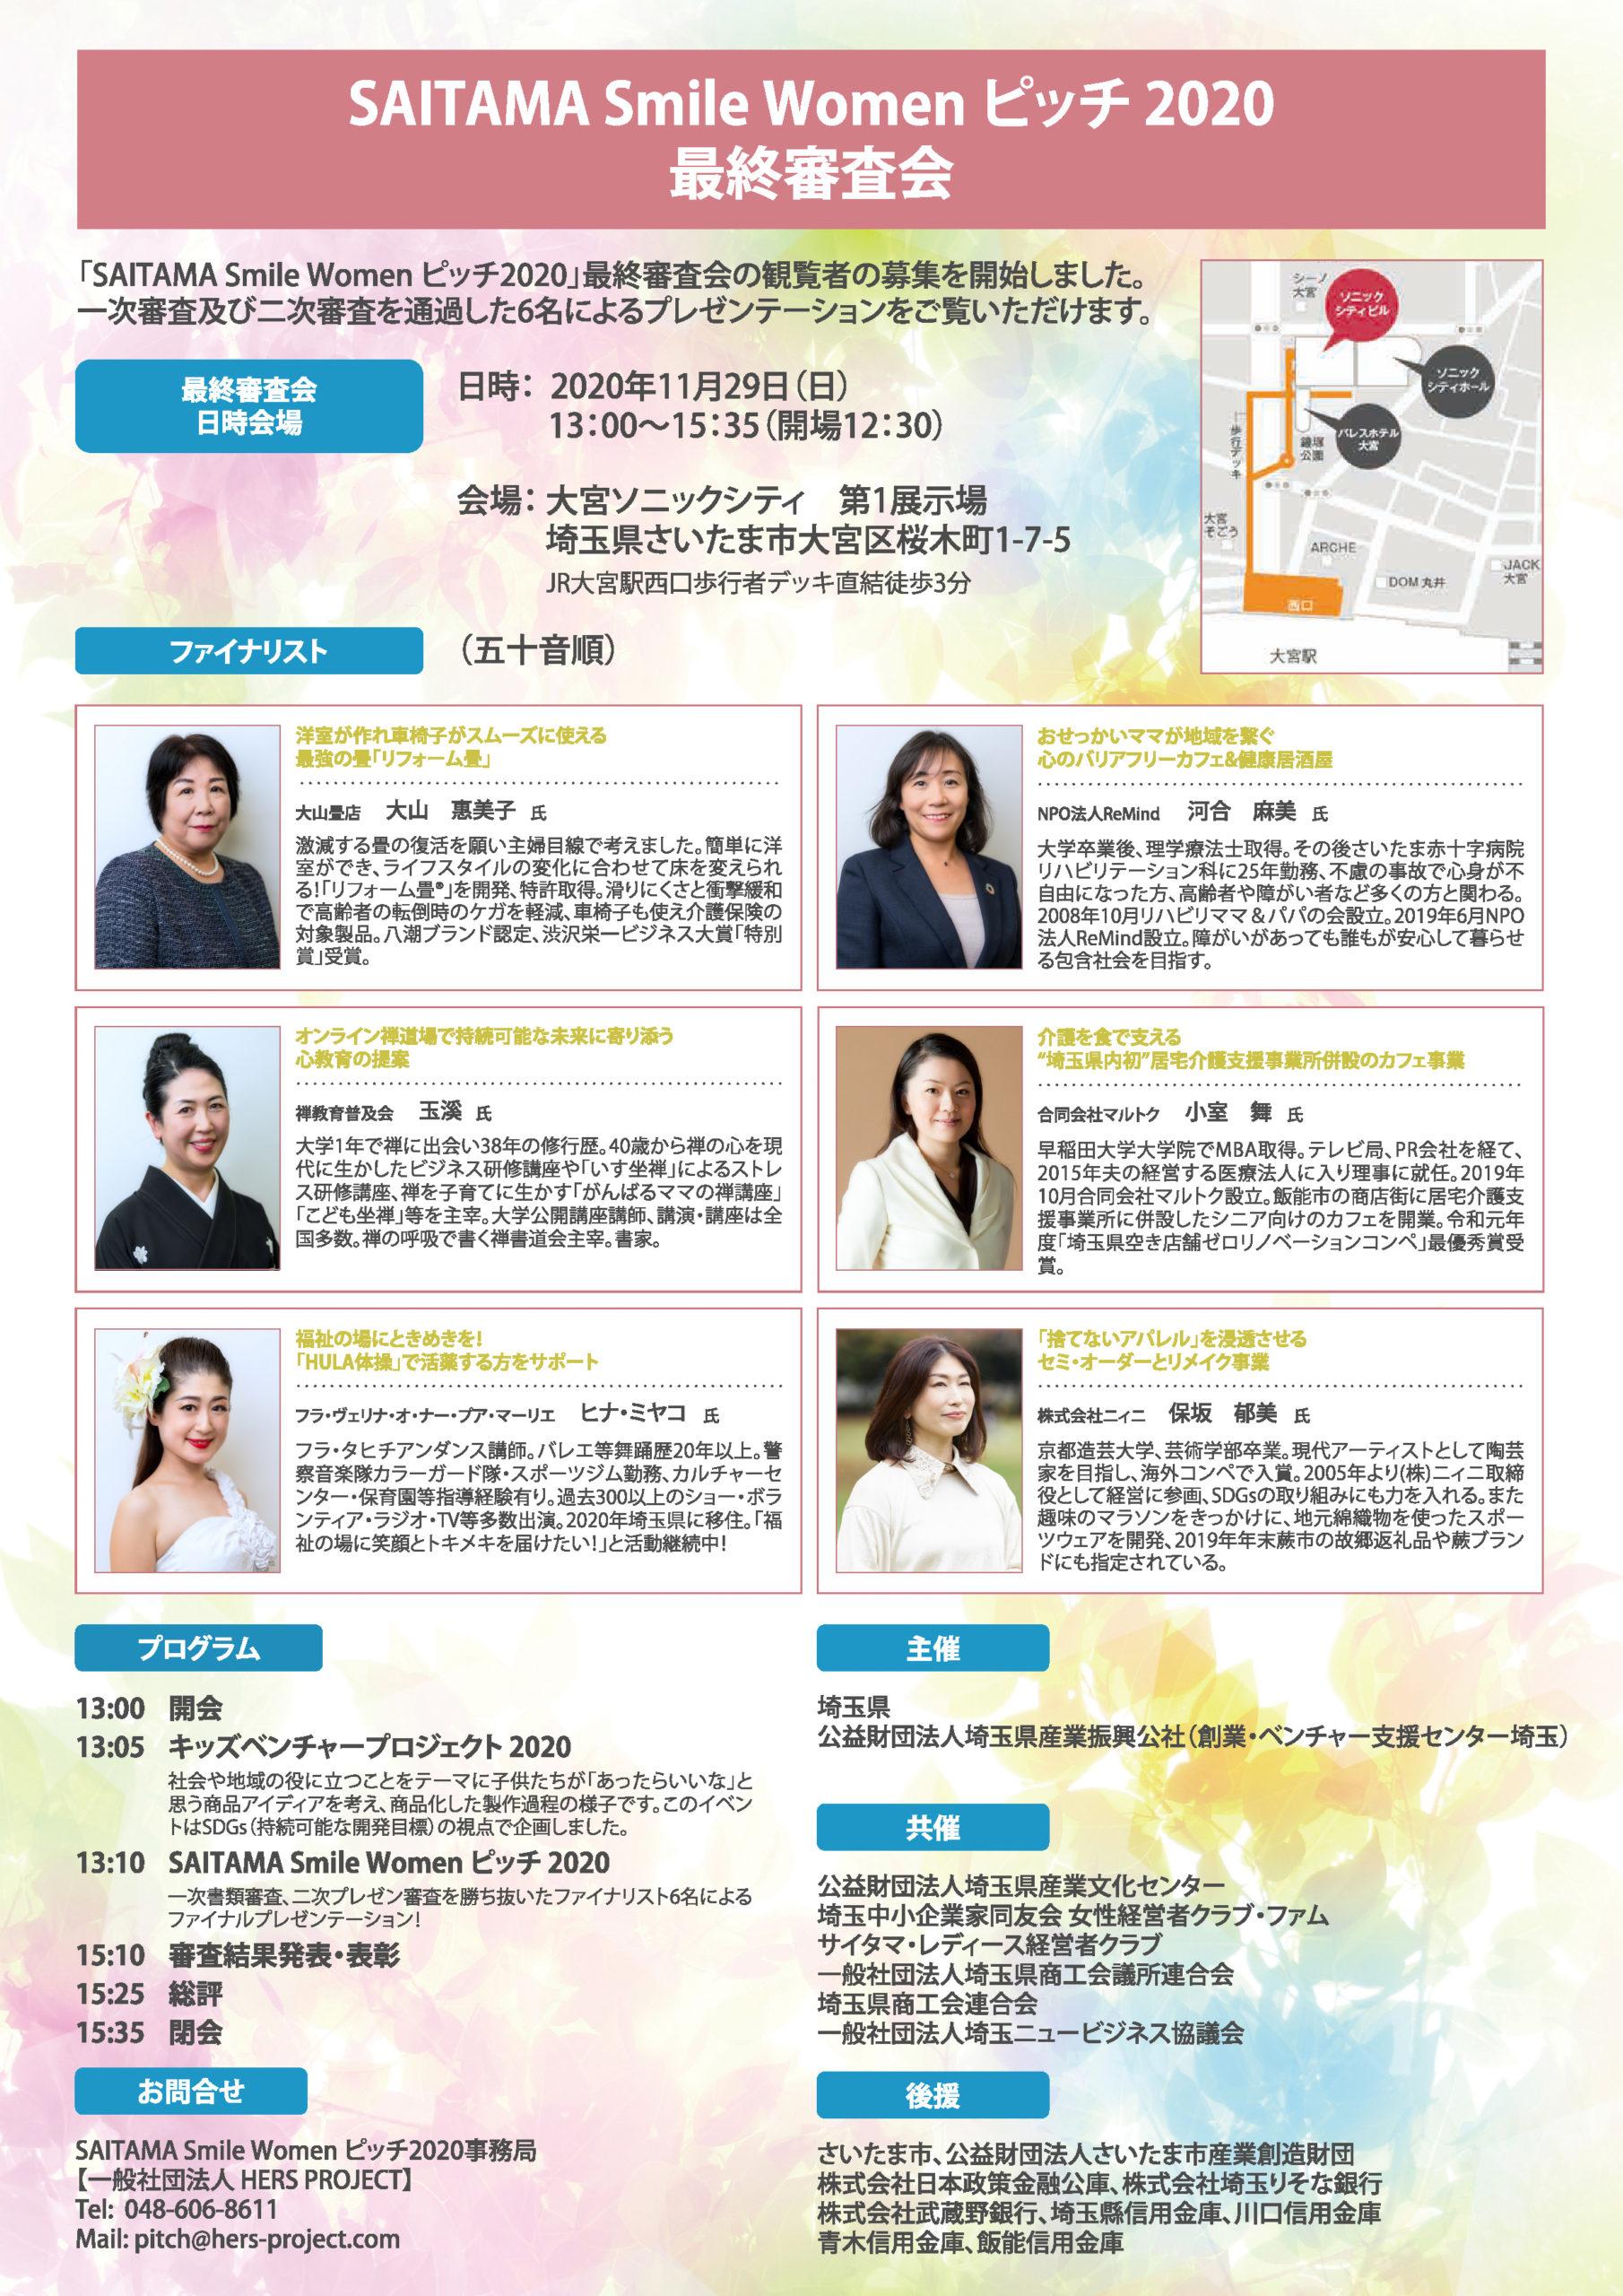 SAITAMA Smile Women ピッチ2020 最終審査会